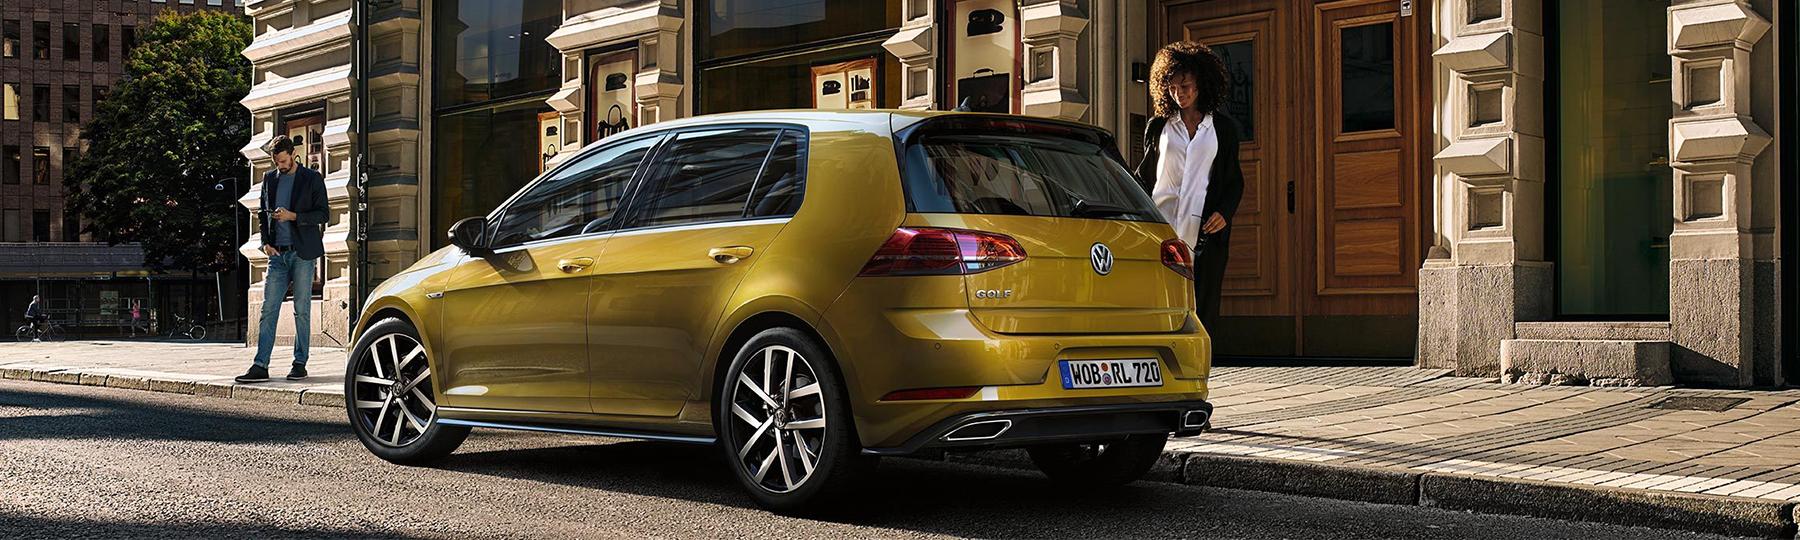 Guijar Motor, Servicio Oficial Volkswagen en Arganda del Rey (Madrid)